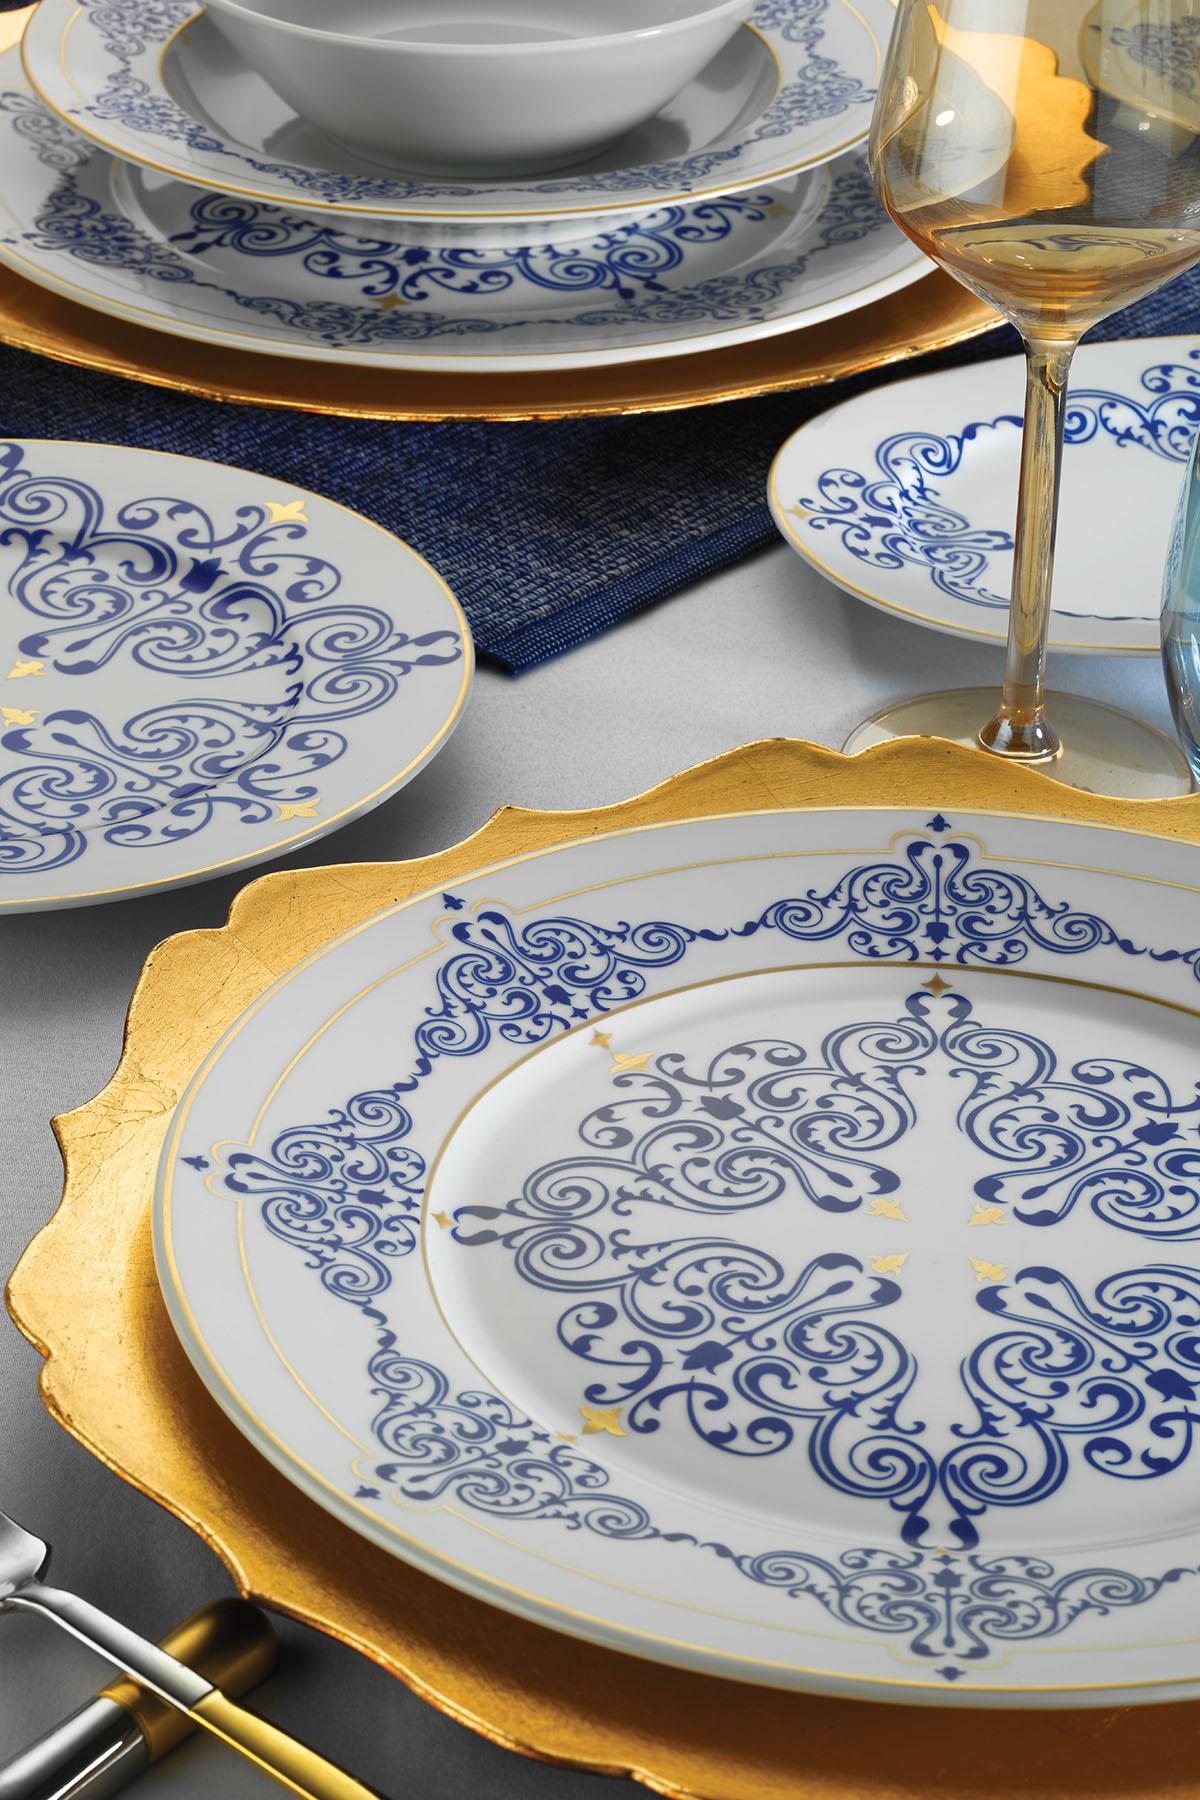 KÜTAHYA PORSELEN - Kütahya Porselen Leonberg 50 Parça 10302 Desen Yemek Takımı